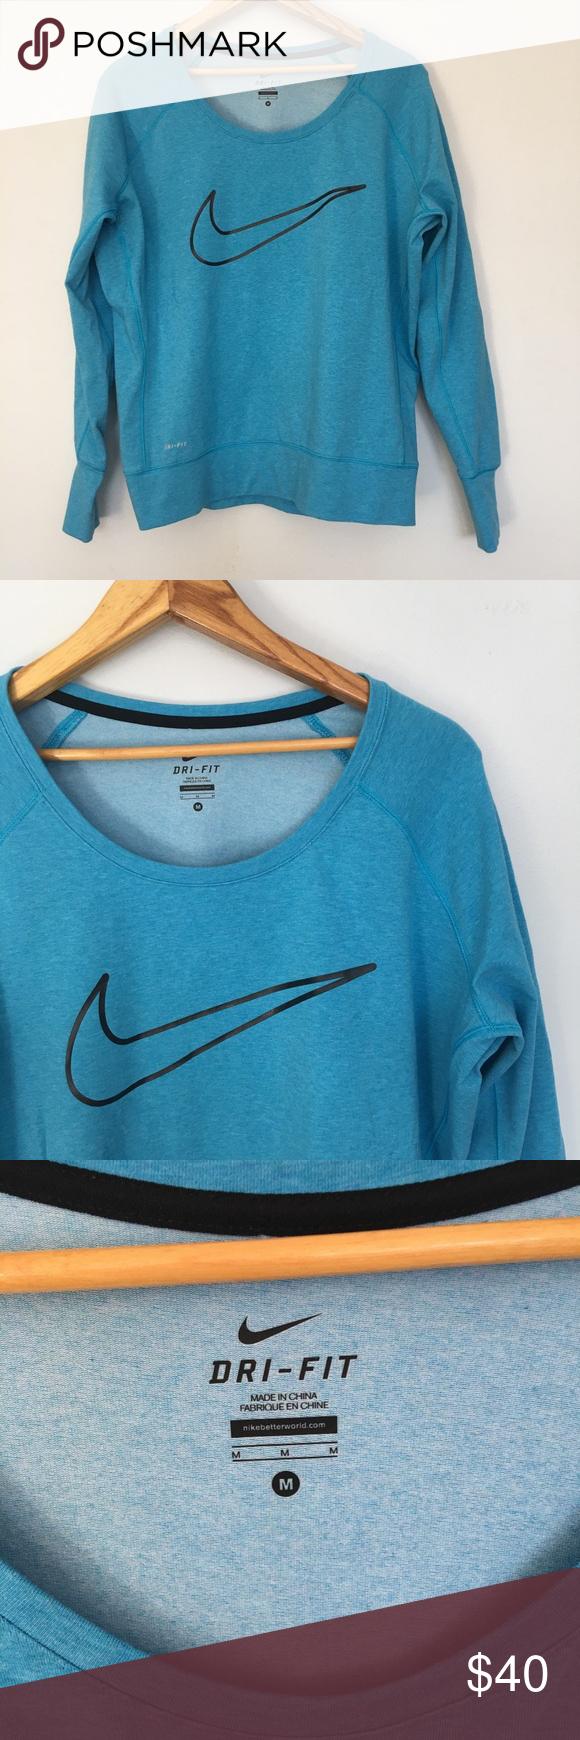 Nike Dri Fit Aqua Blue Nike Sweatshirt Nike Sweatshirts Blue Nike Sweatshirts [ 1740 x 580 Pixel ]